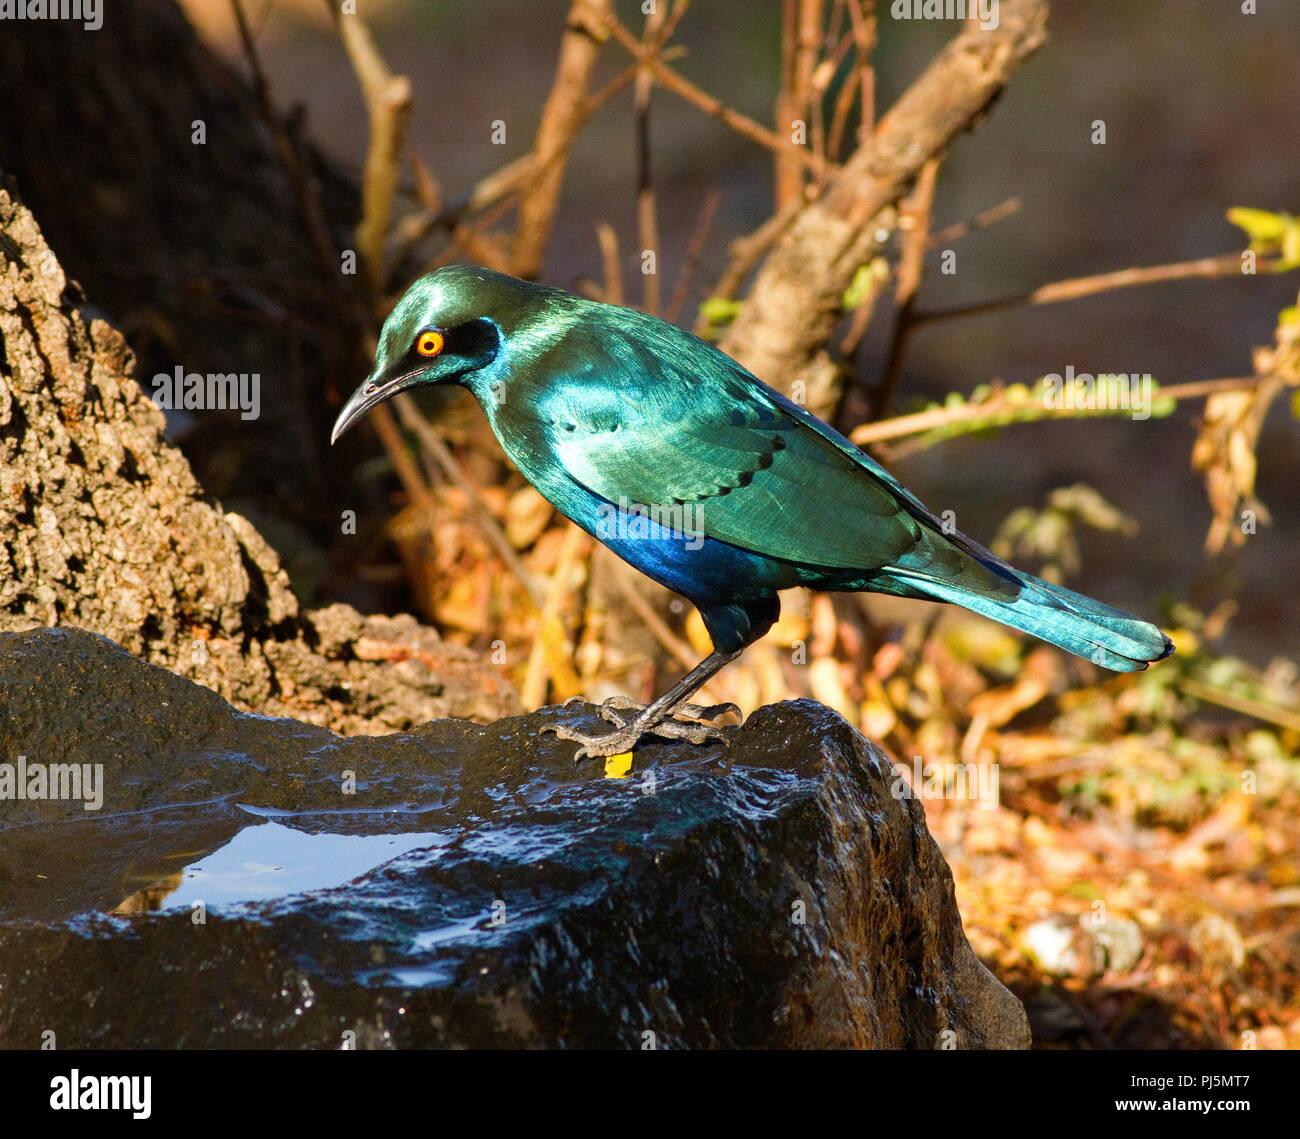 Le plumage de la plus grande irridescent Blue-eared Starling brillant n'est pas seulement spectaculaire mais aussi très populaires auprès des touristes en safari pour elle Photo Stock